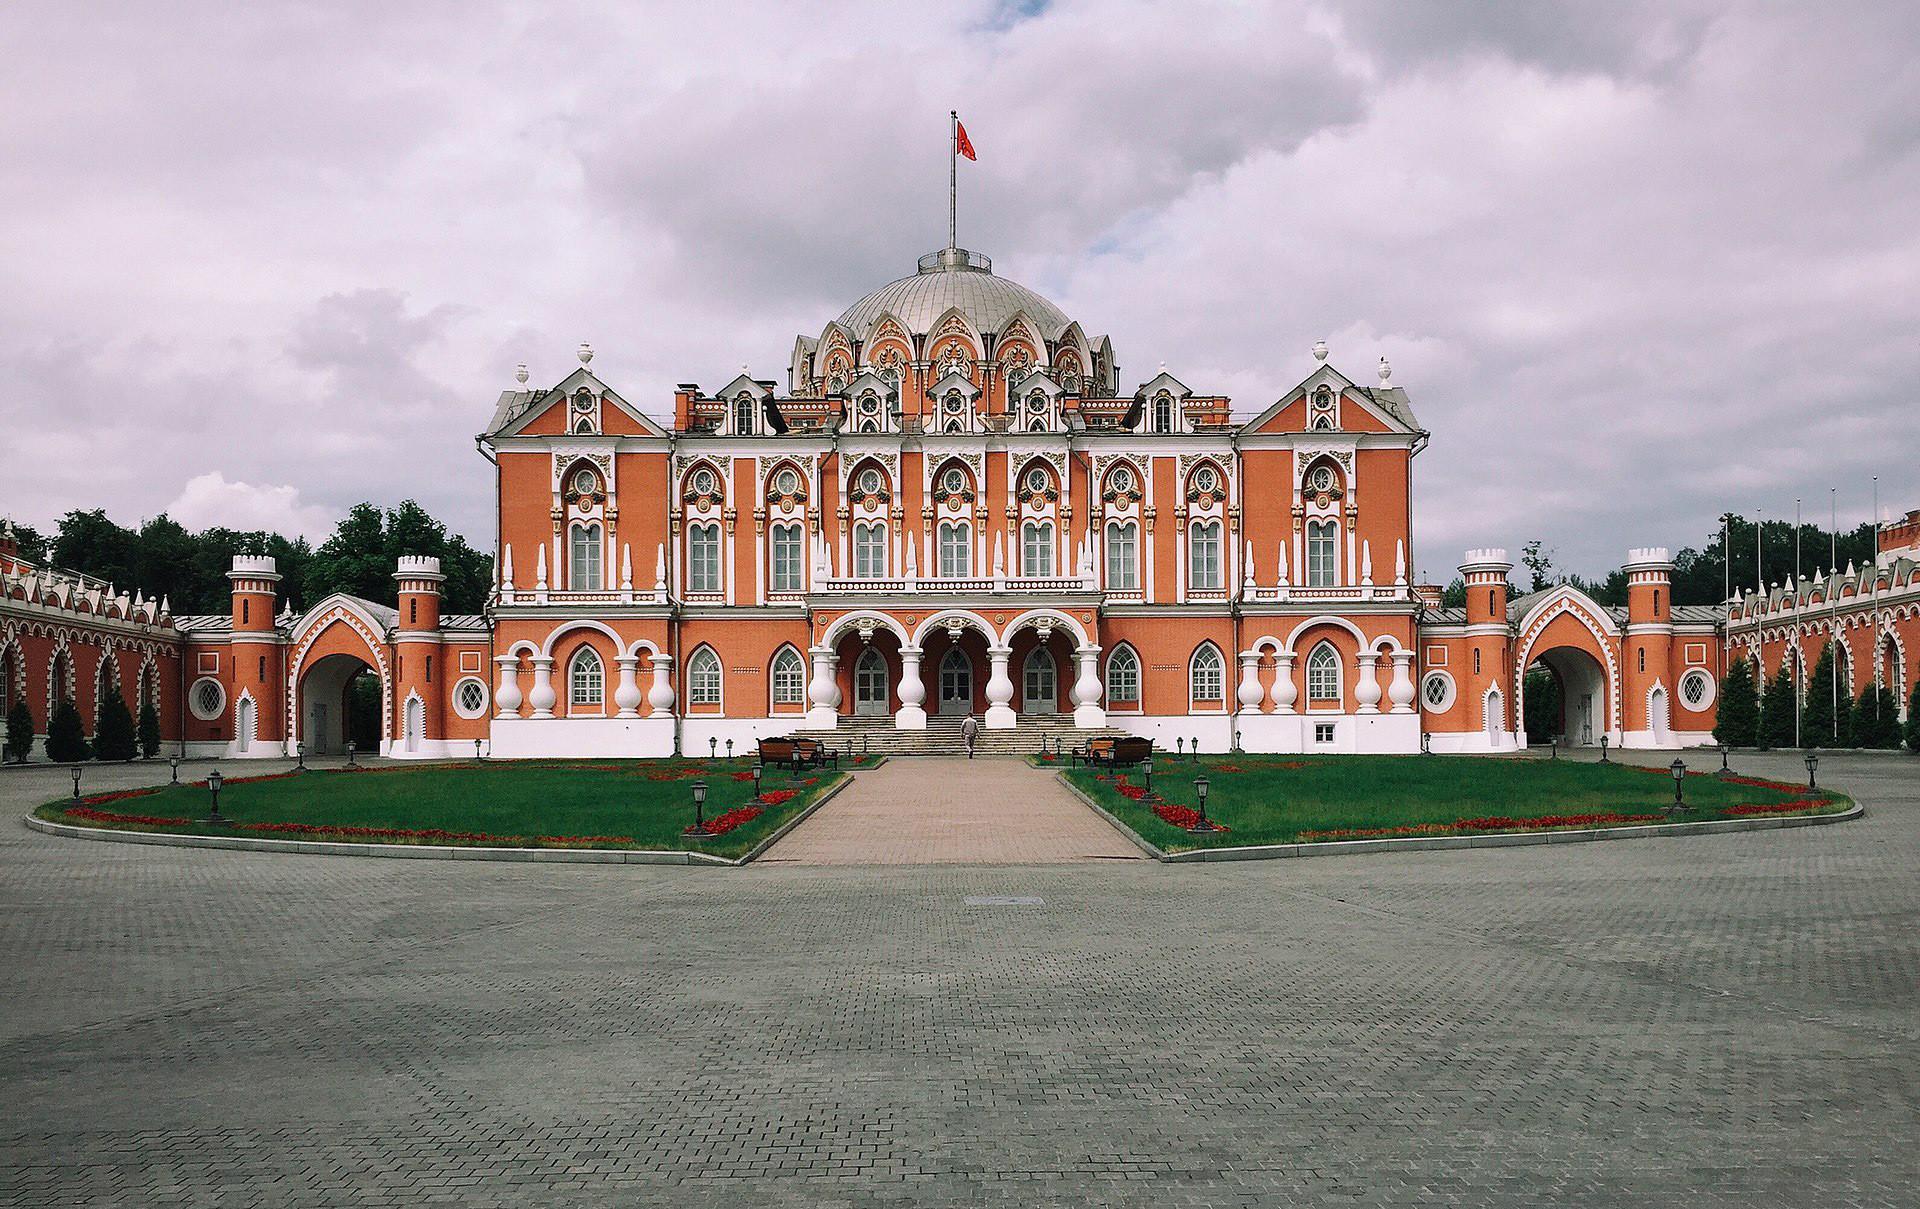 ペトロフスキー宮殿